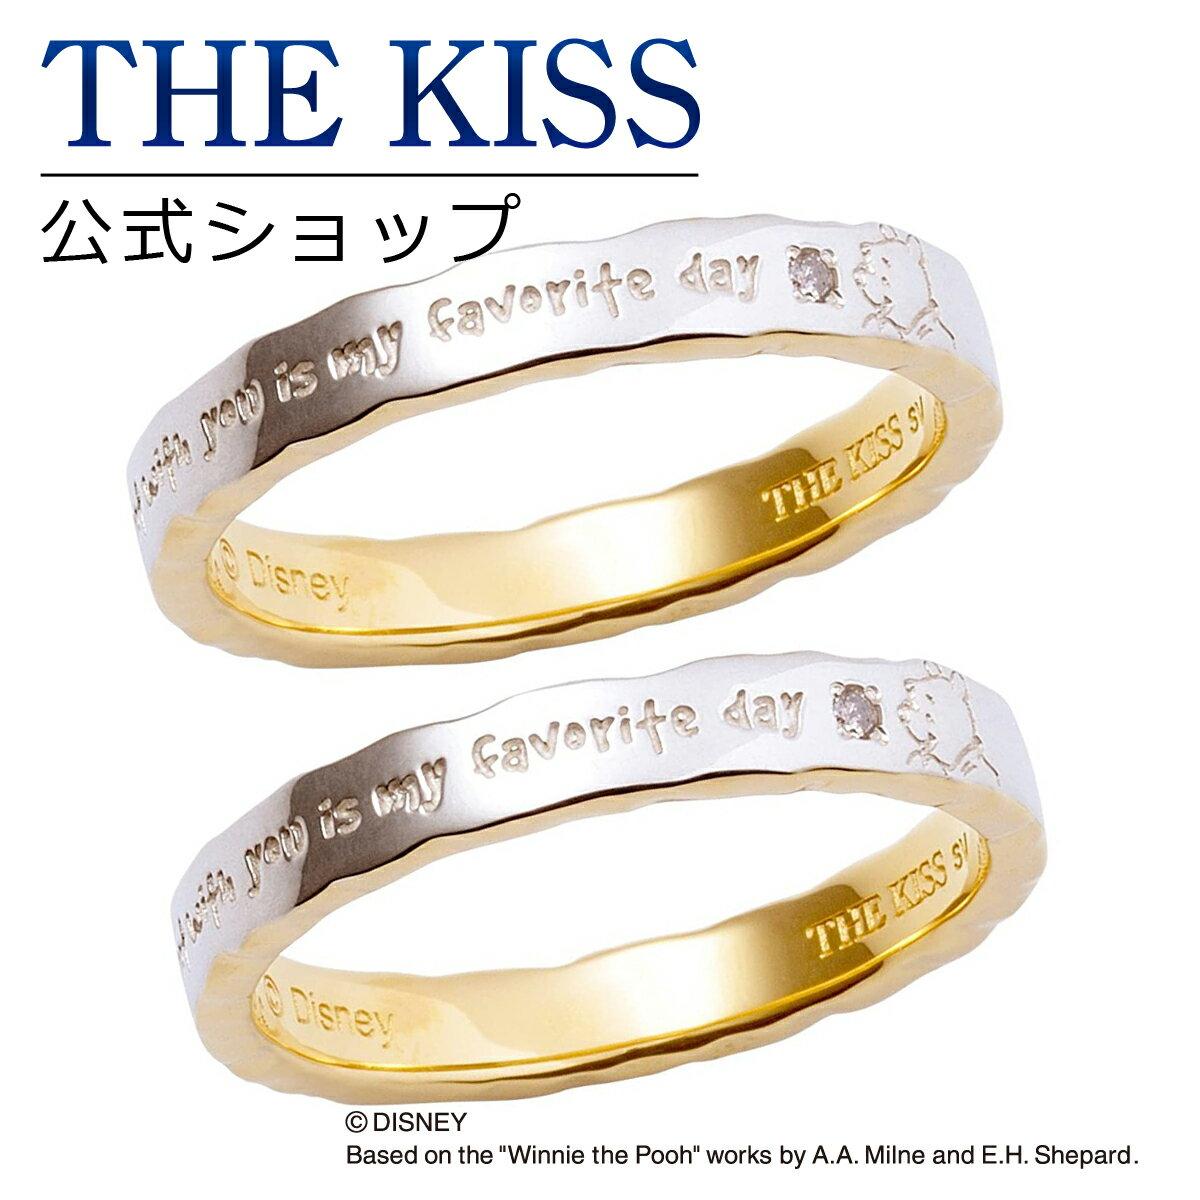 【あす楽対応】【ディズニーコレクション】 ディズニー / ペアリング / くまのプーさん / ハチミツ / THE KISS リング・指輪 シルバー キュービック (レディース メンズ 単品) DI-SR6020DM-P ザキス 【送料無料】【Disneyzone】